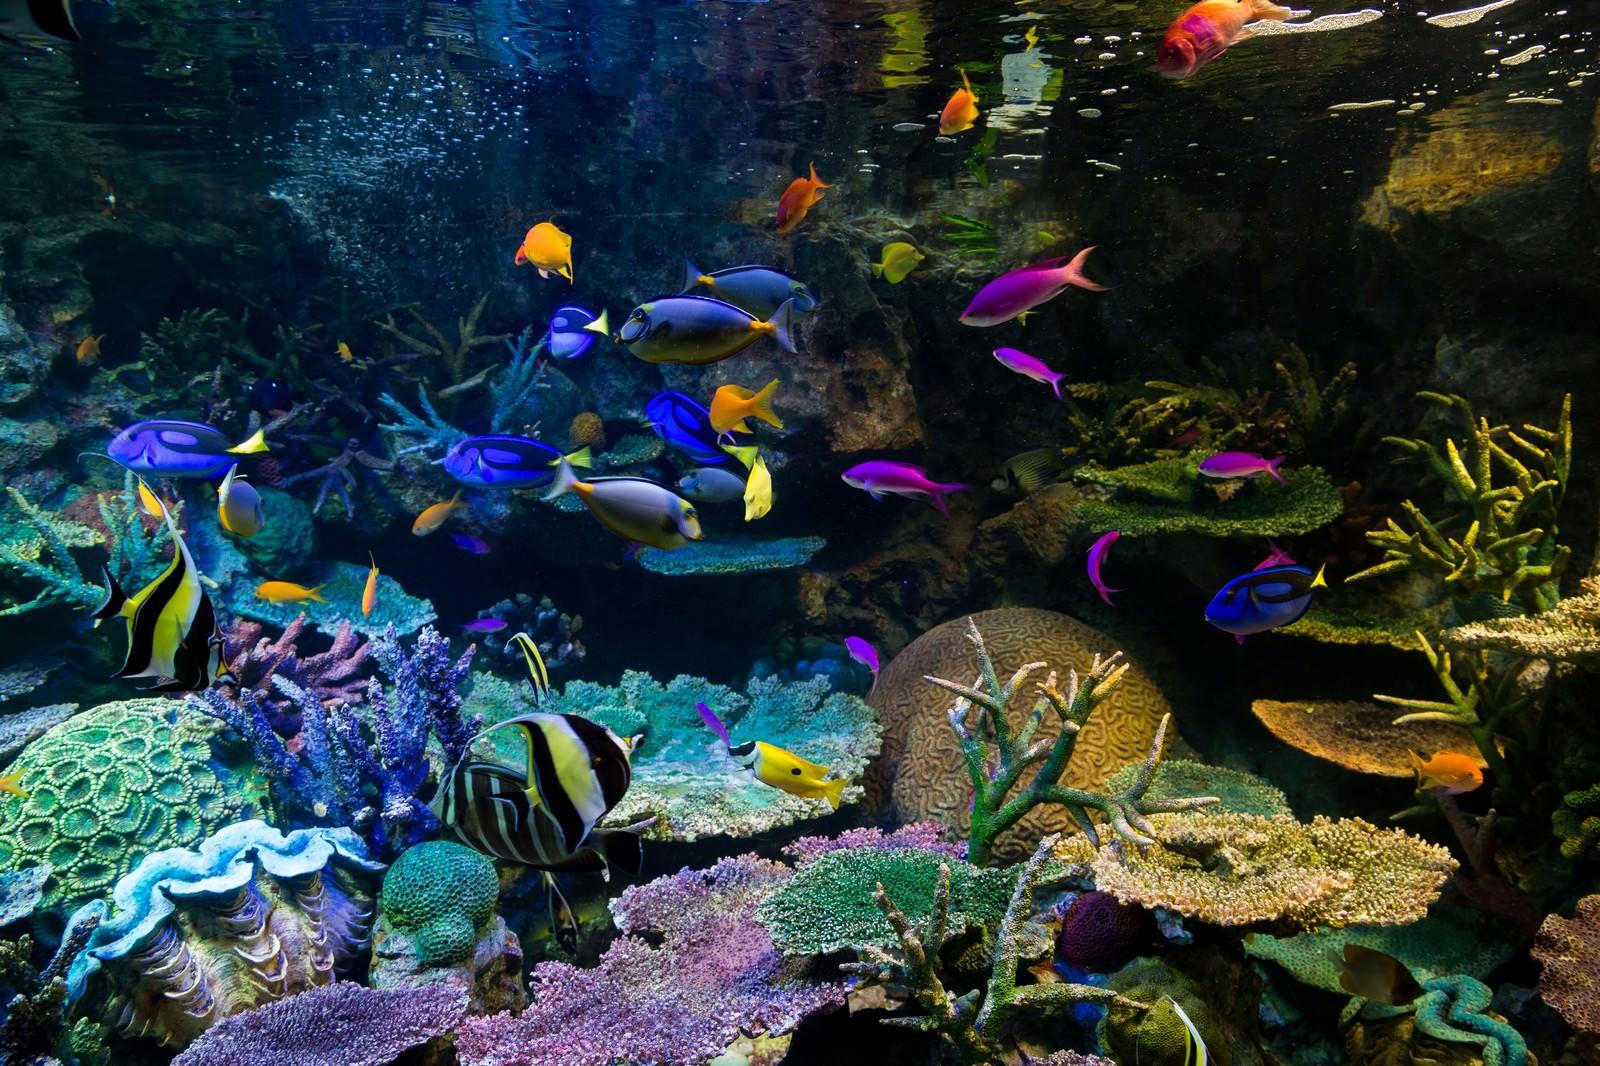 熱帯魚 大きく する 方法